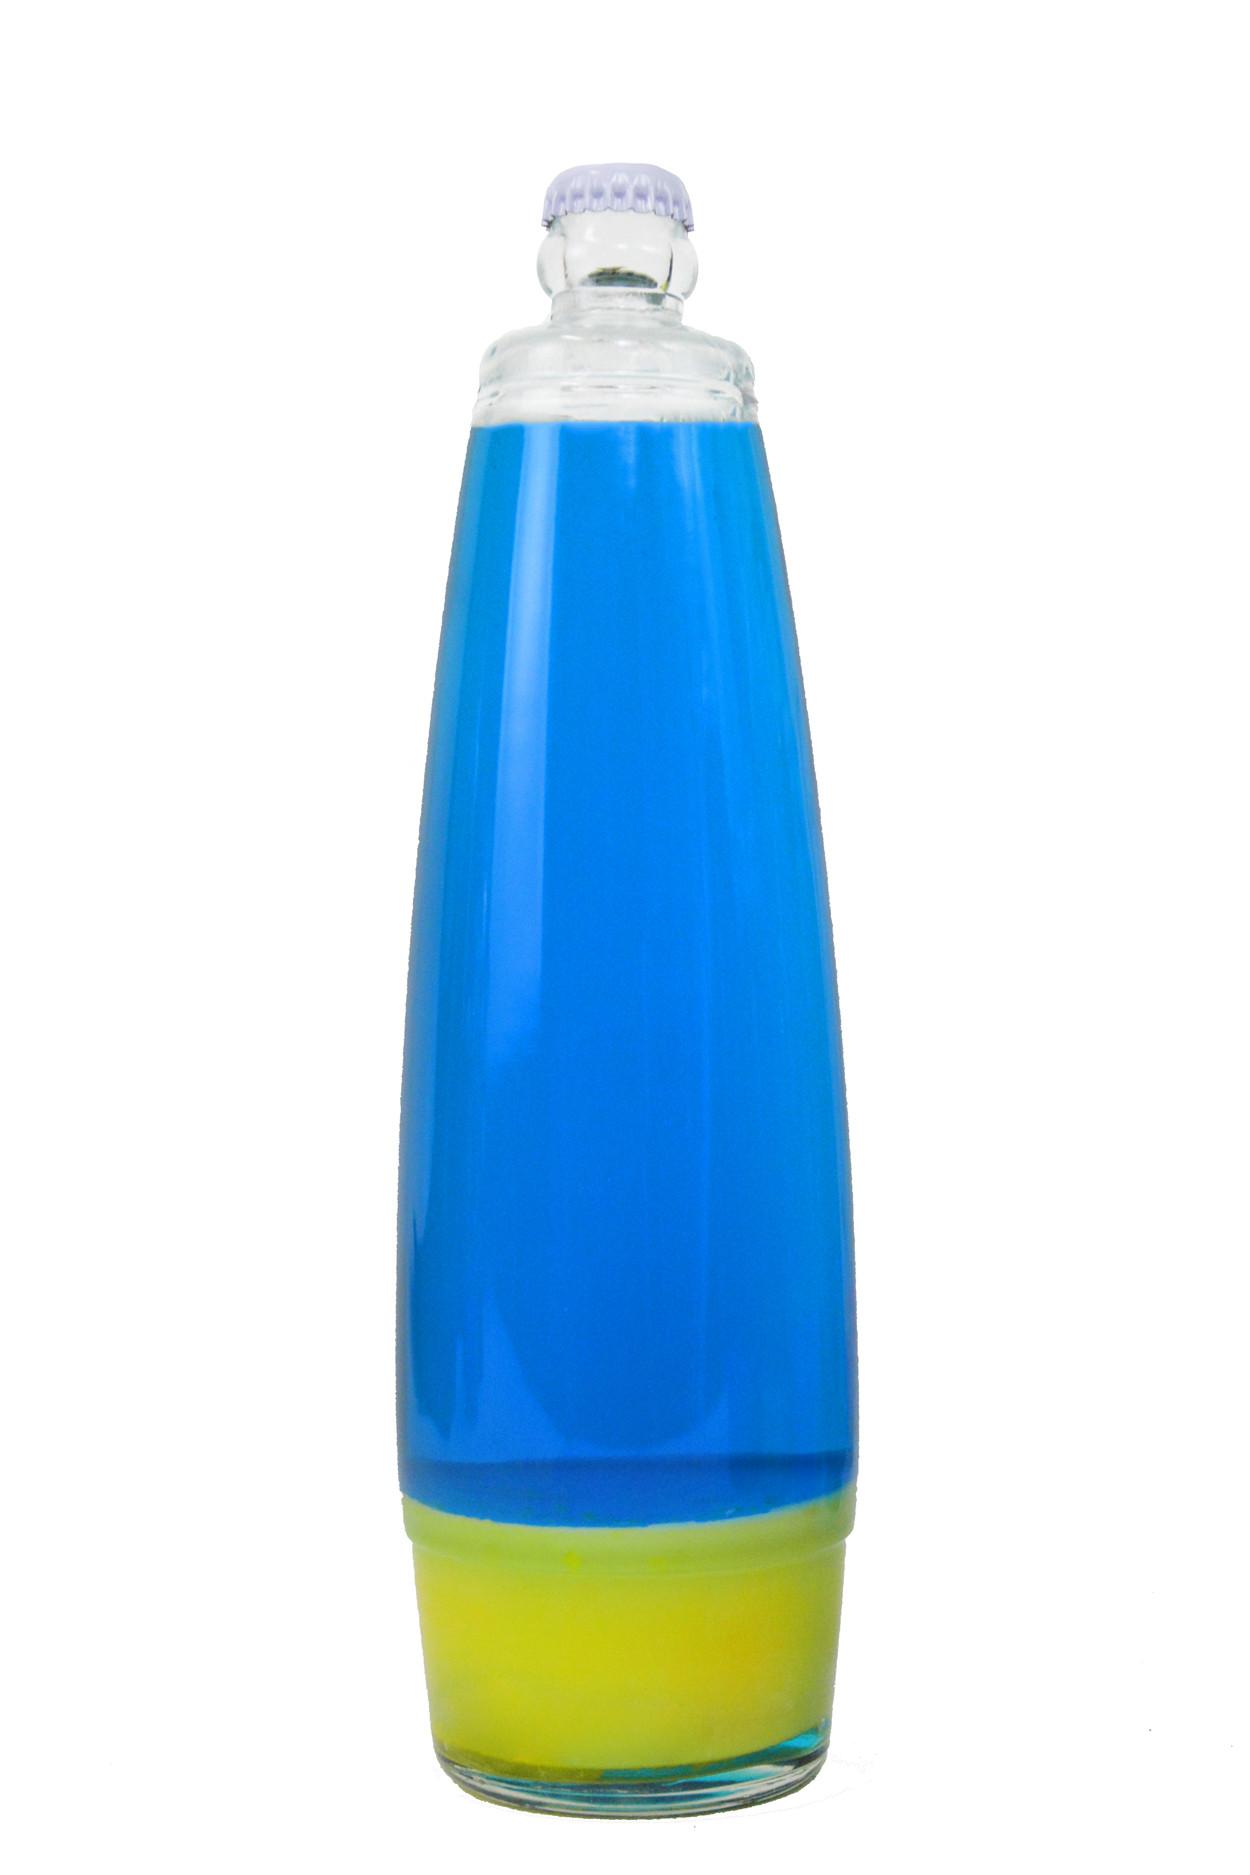 Колба для лава лампы 41 см Желтая/Синяя (25*6,5)